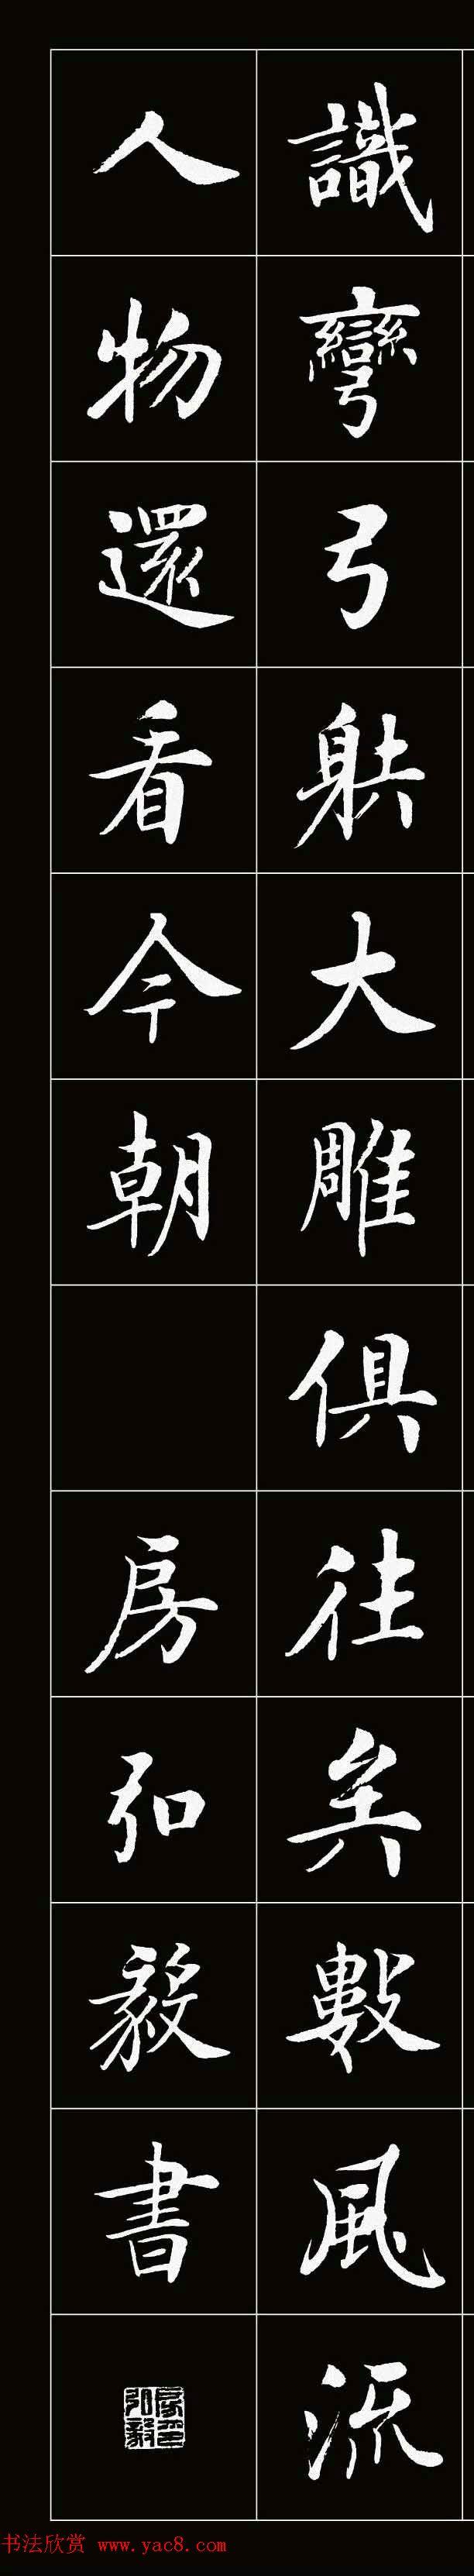 房弘毅毛笔楷书作品欣赏